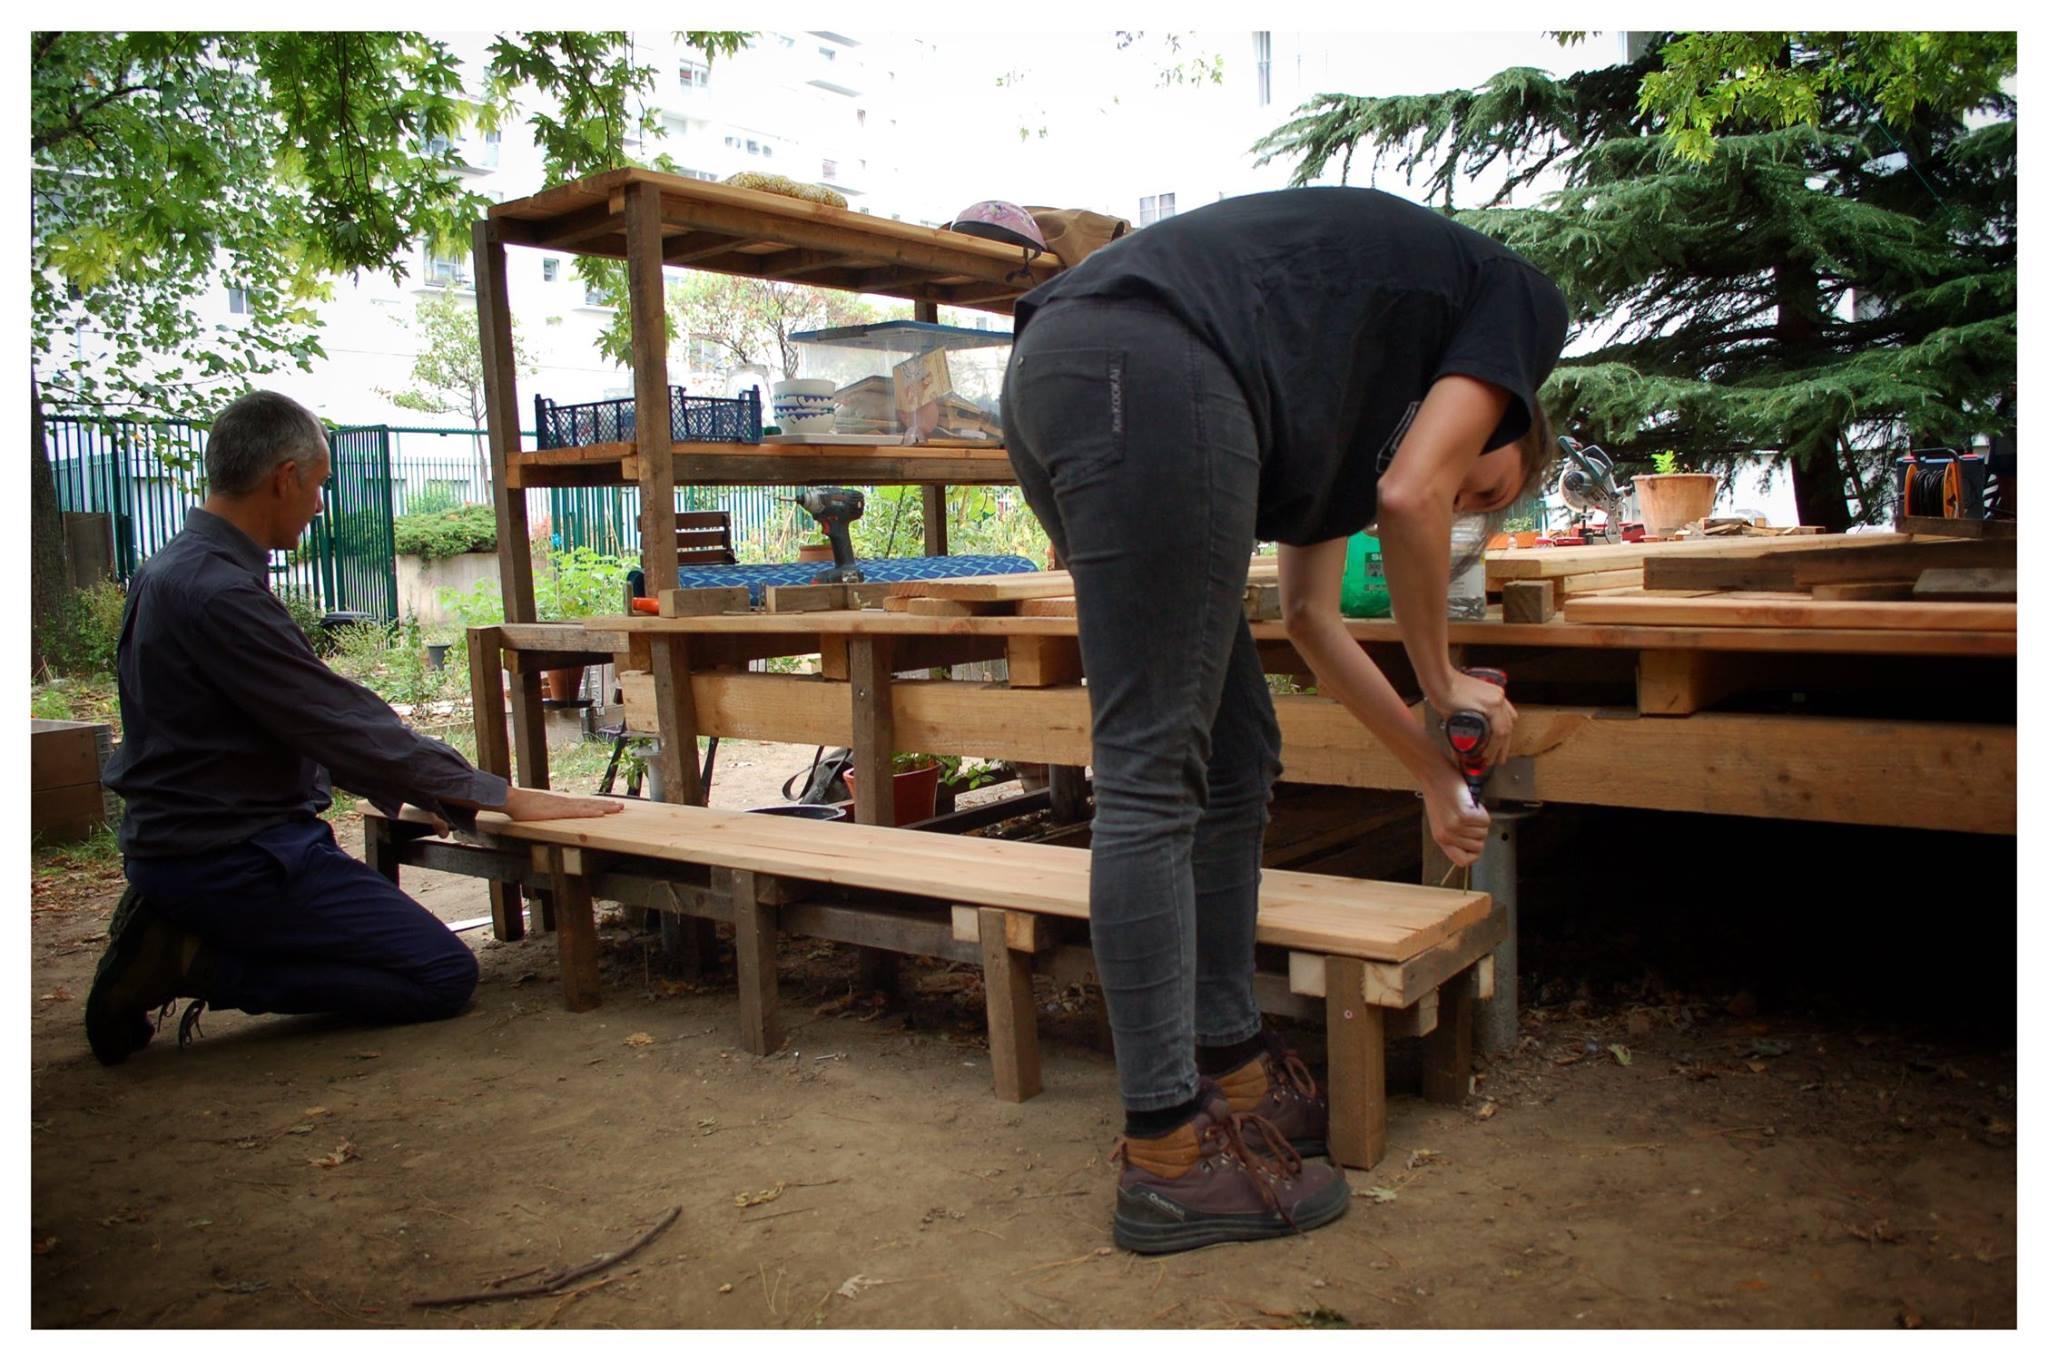 YA+K - yaplusk - Baleine Verte - chantier participatif à Paris 12ème (15)